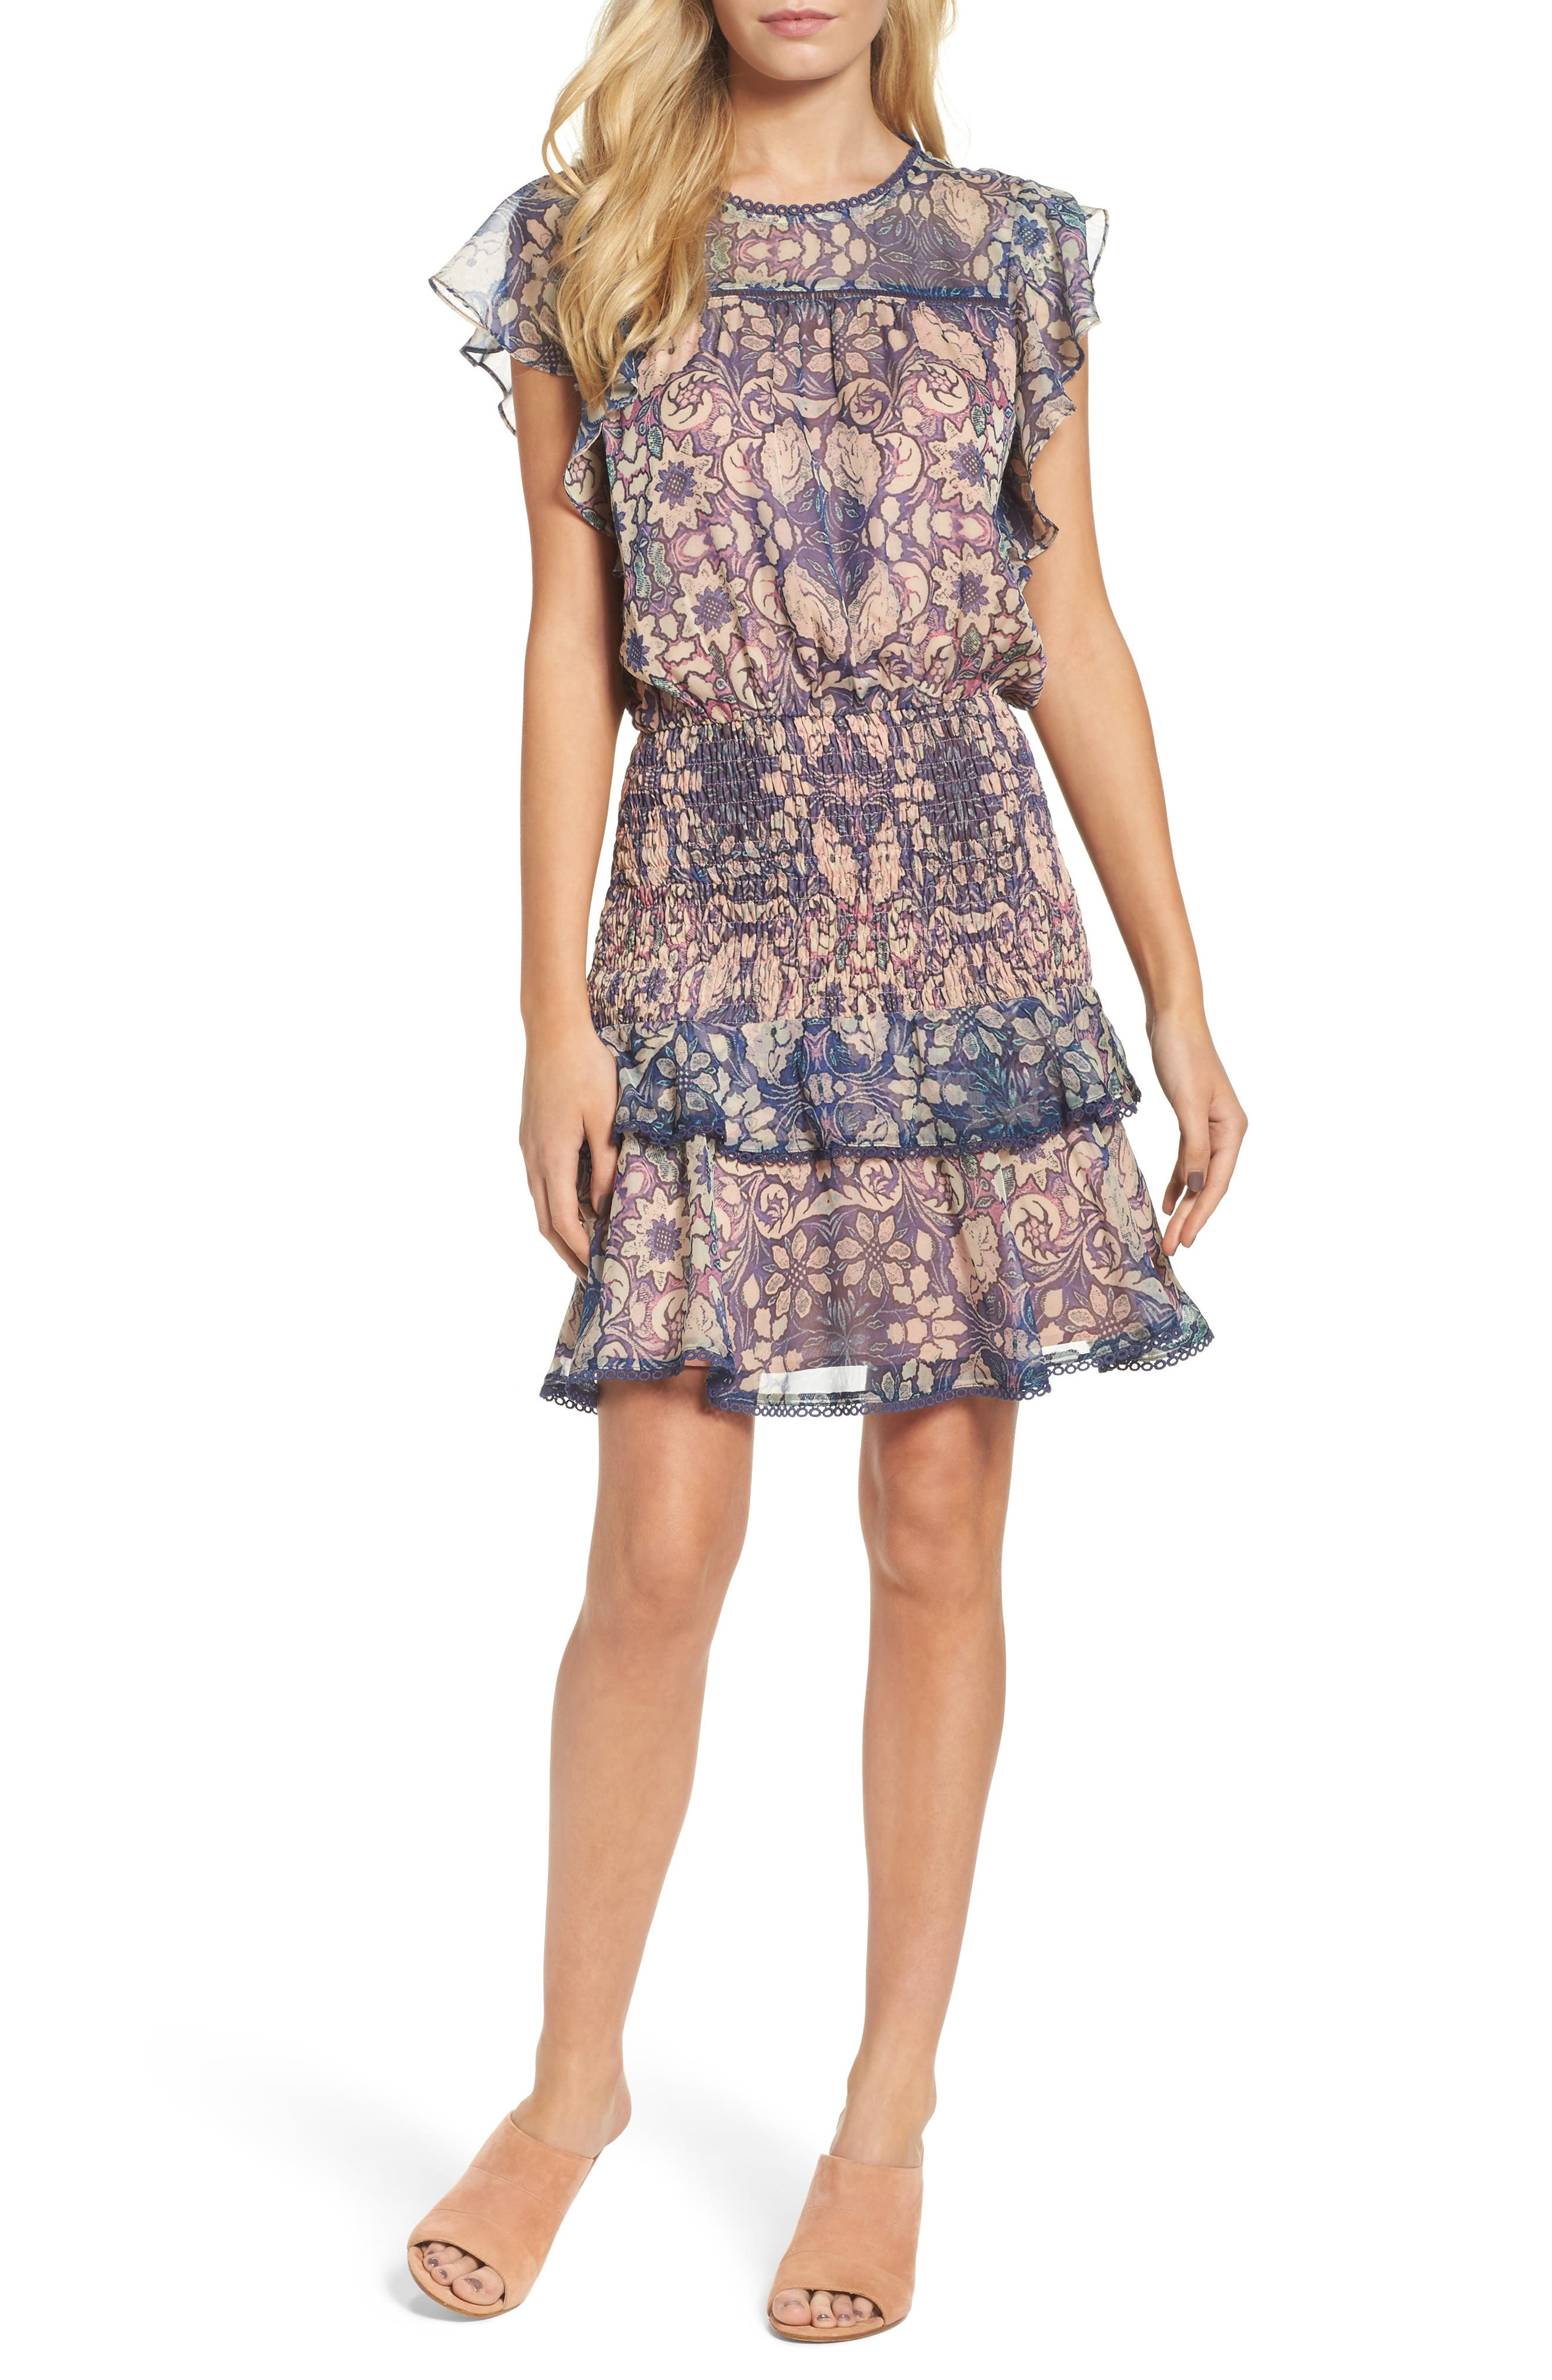 Chelsea28 Tiered Blouson Dress